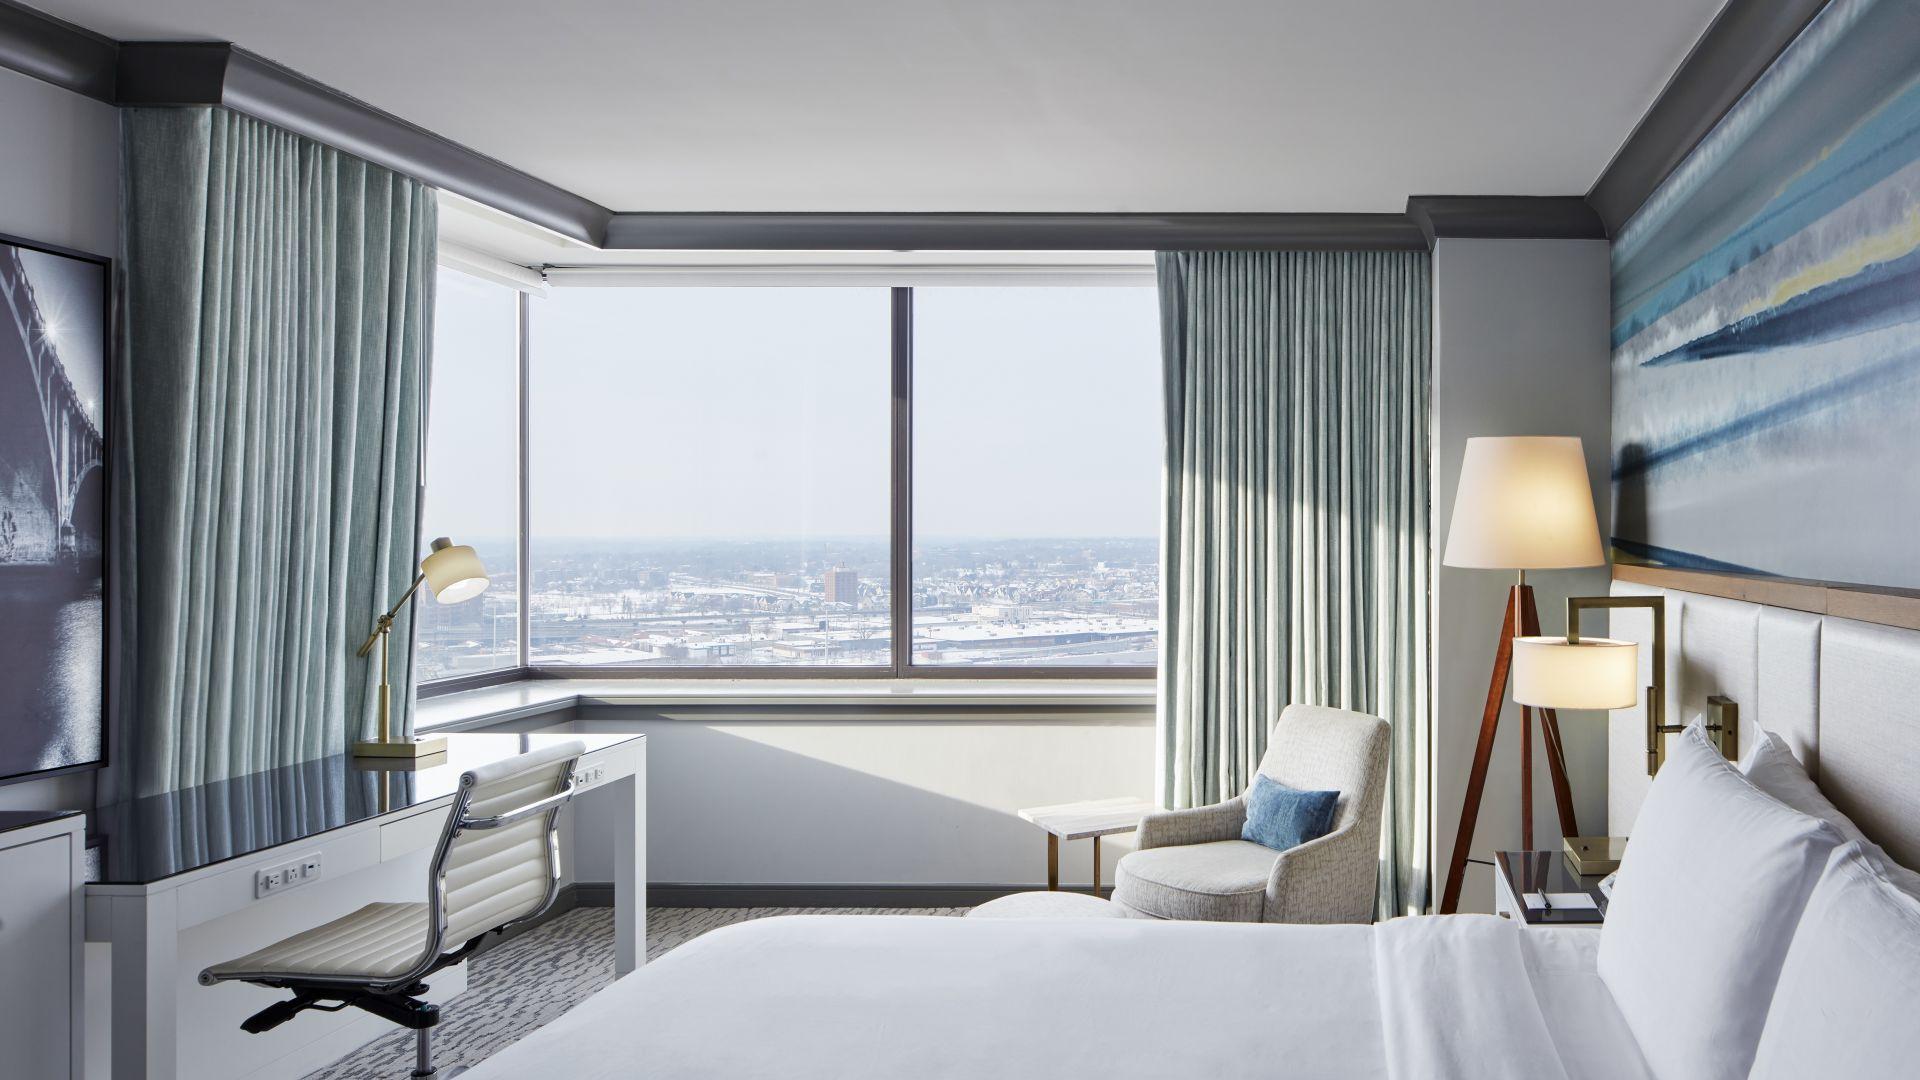 Una habitación con una cama y un ventanal